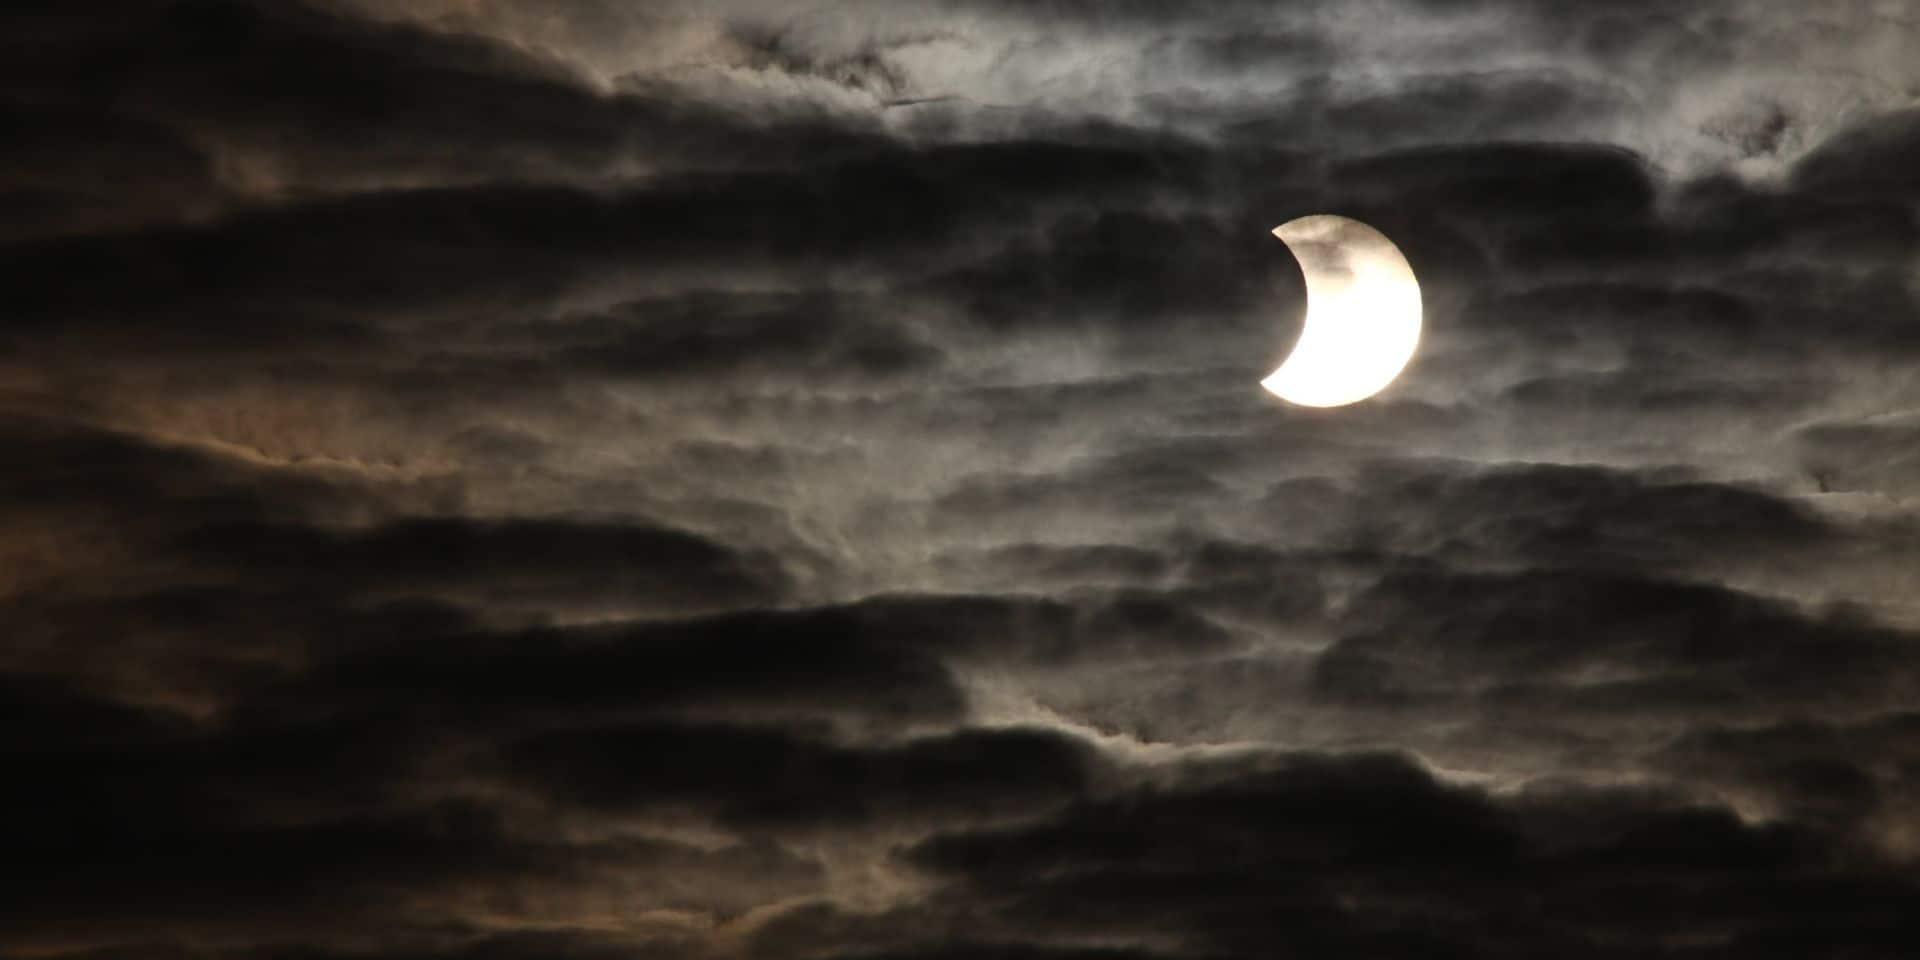 Une éclipse solaire partielle pourra être admirée dans notre ciel le 10 juin